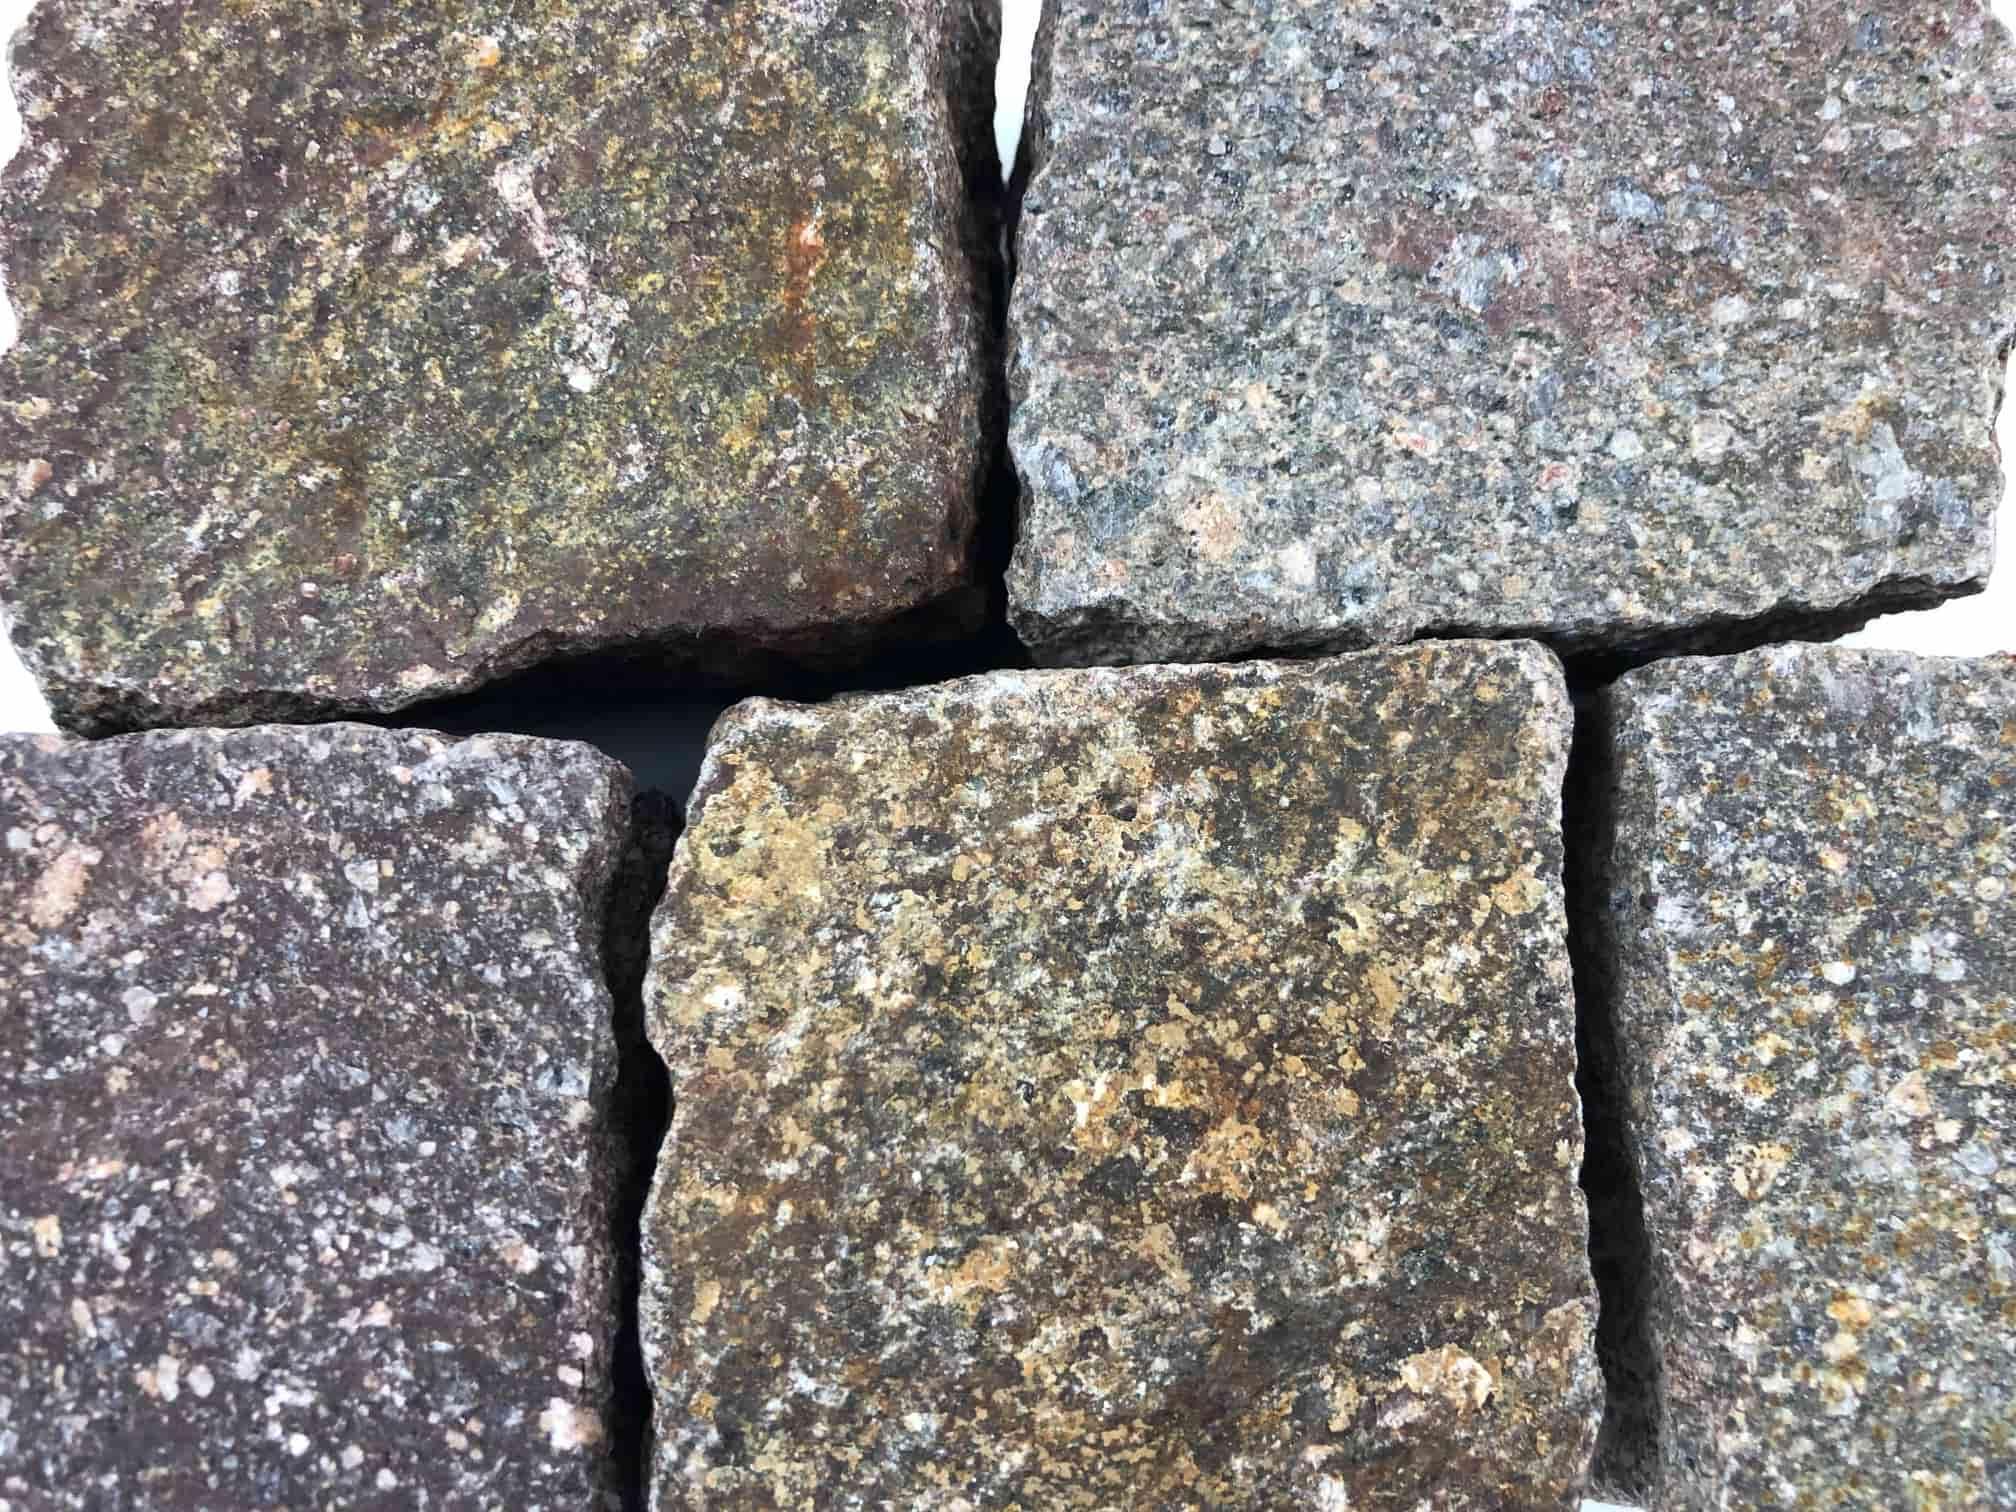 porphyr-mosaikpflaster-4-6-bunt-gebrochen (3)